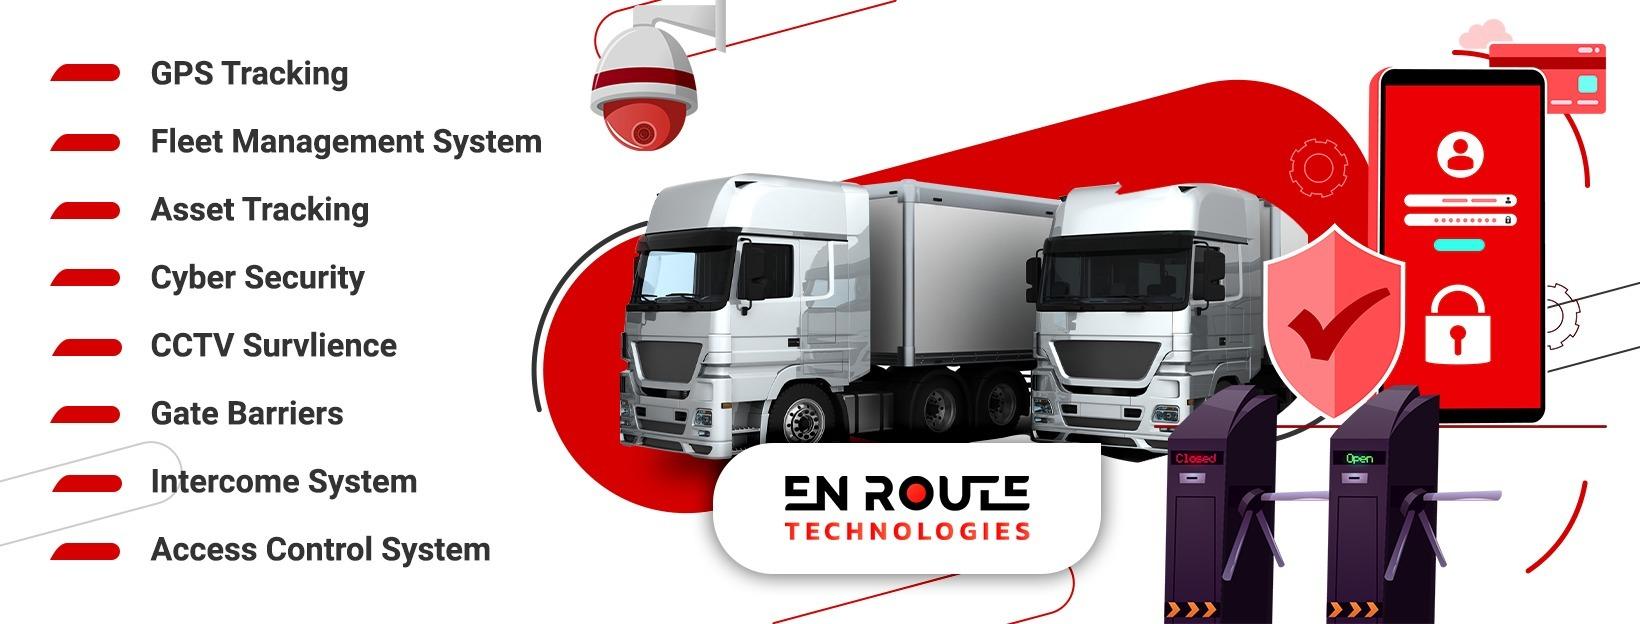 En Route Technologies (@enroutech) Cover Image